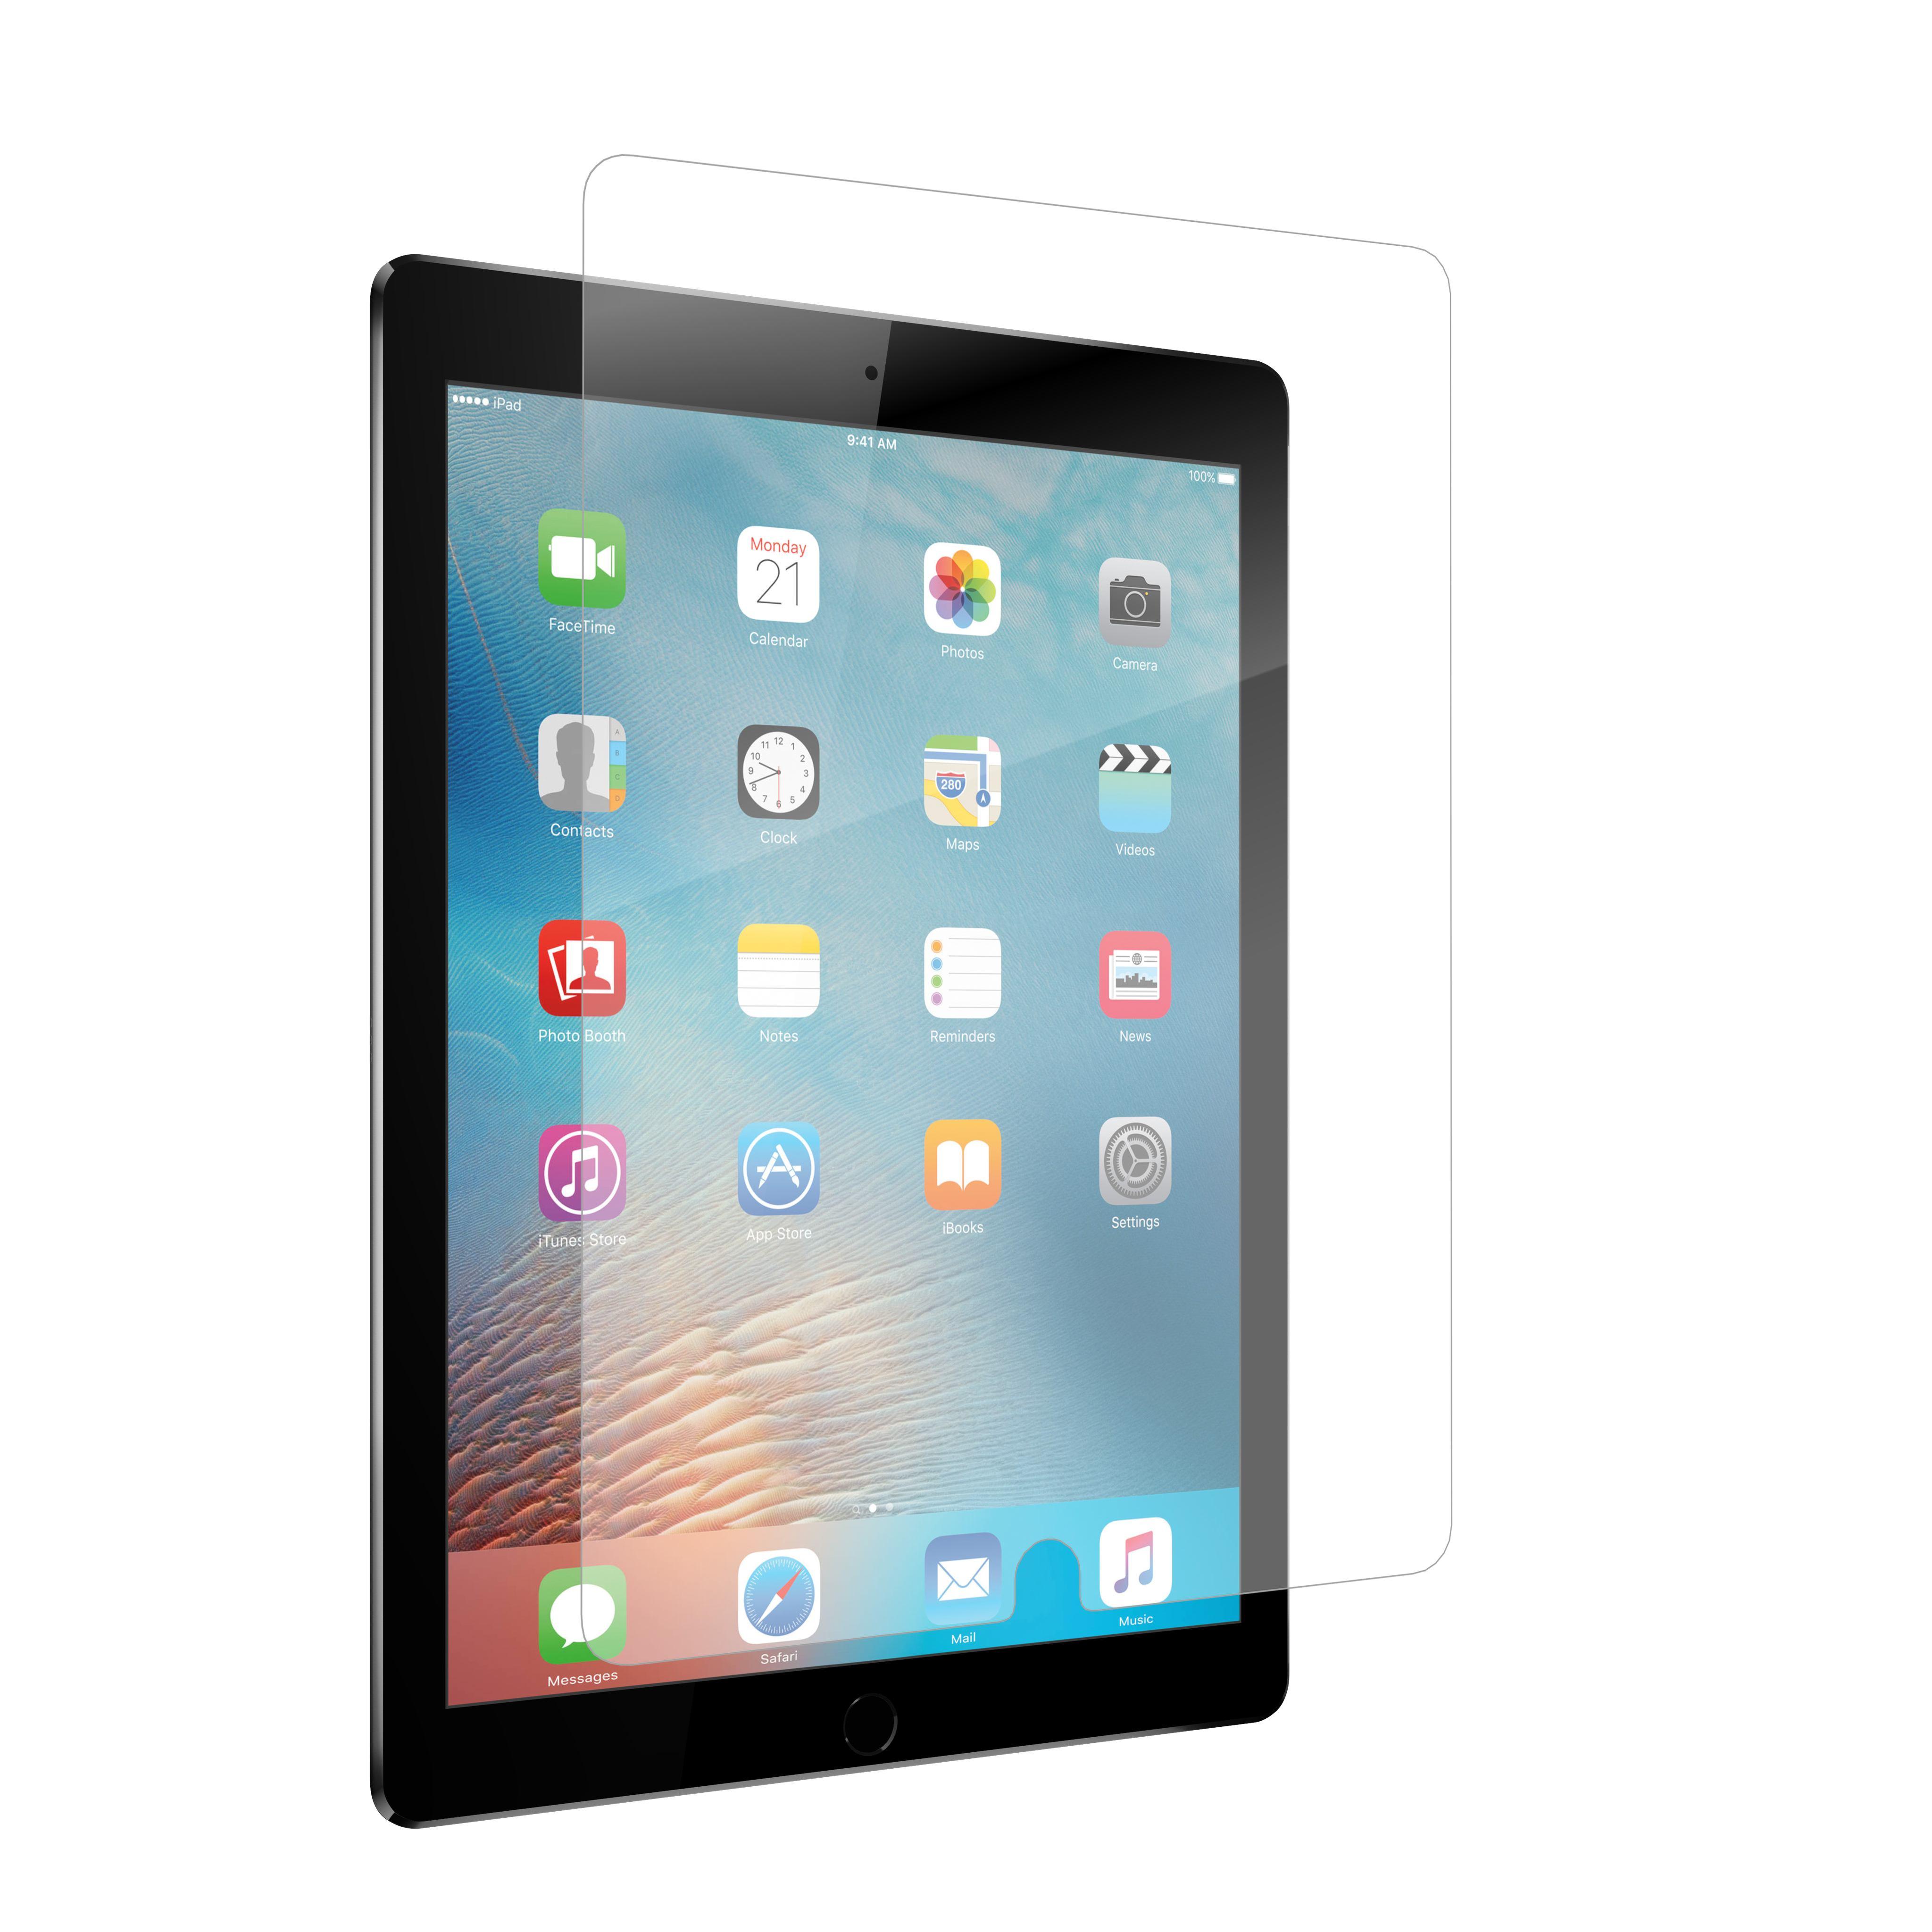 2061337-InvisibleShield-Glass-Pellicola-proteggischermo-trasparente-Tablet-Appl